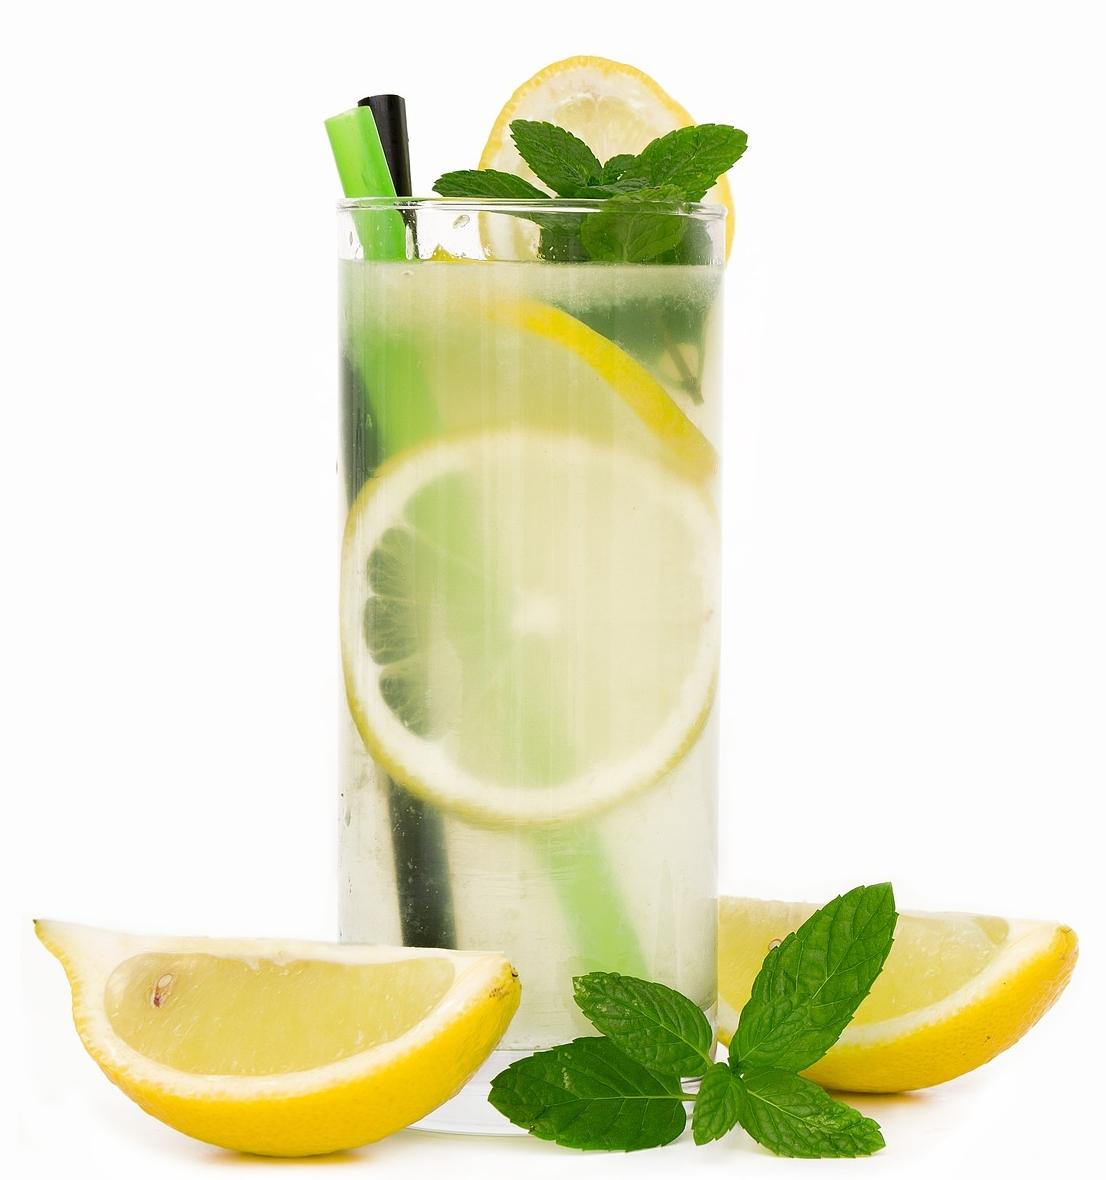 Making lemonade!